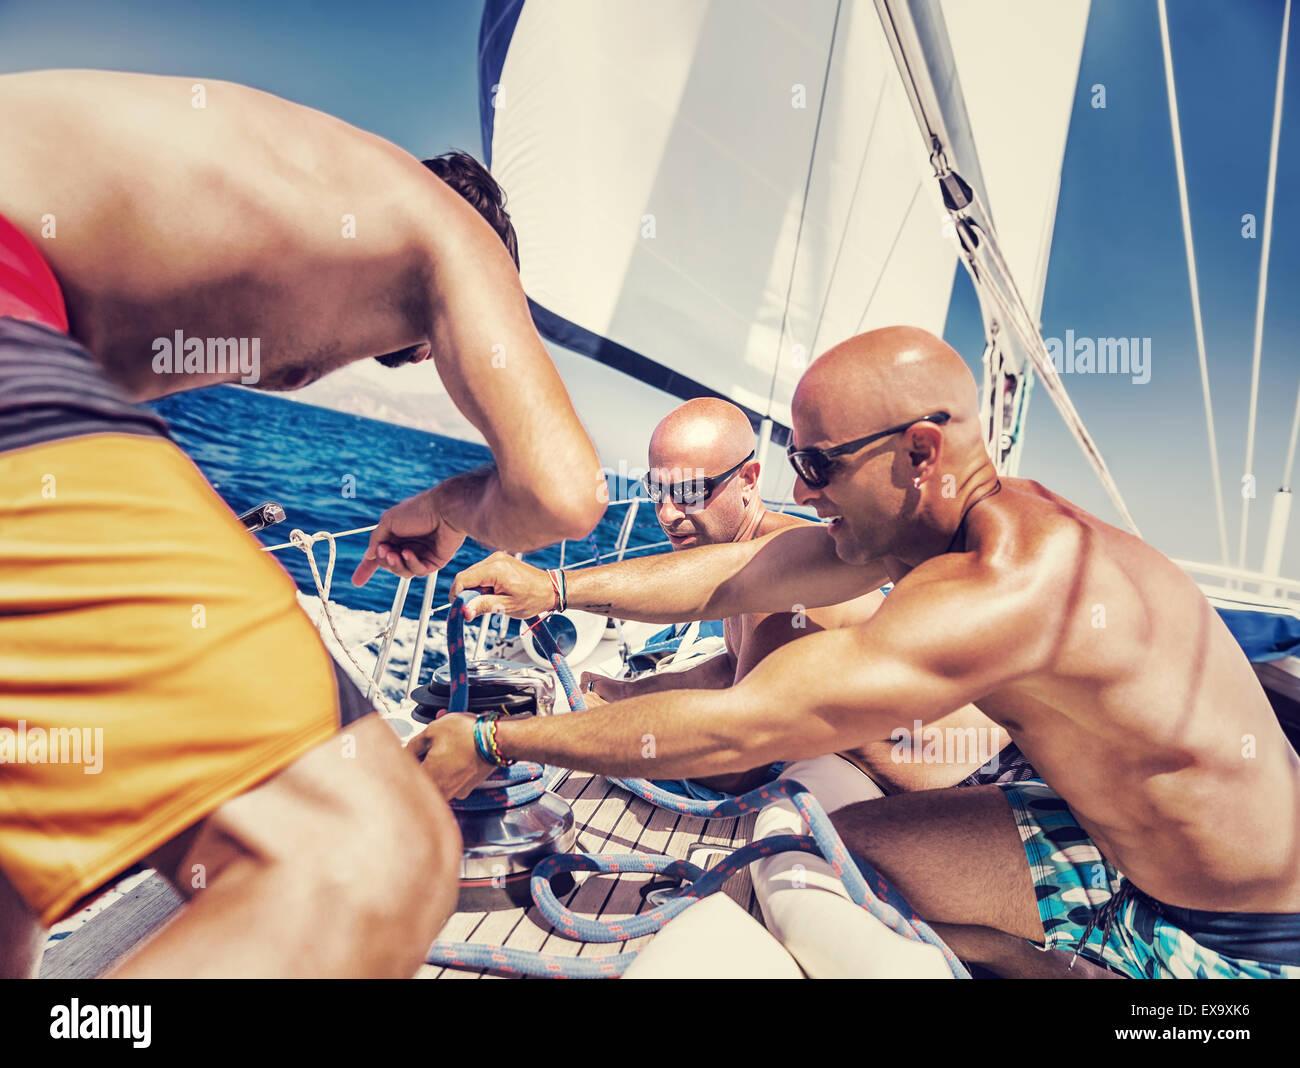 Groupe de travail sur les marins torse nu beau voilier, impliqués dans la compétition maritime, appréciant Photo Stock